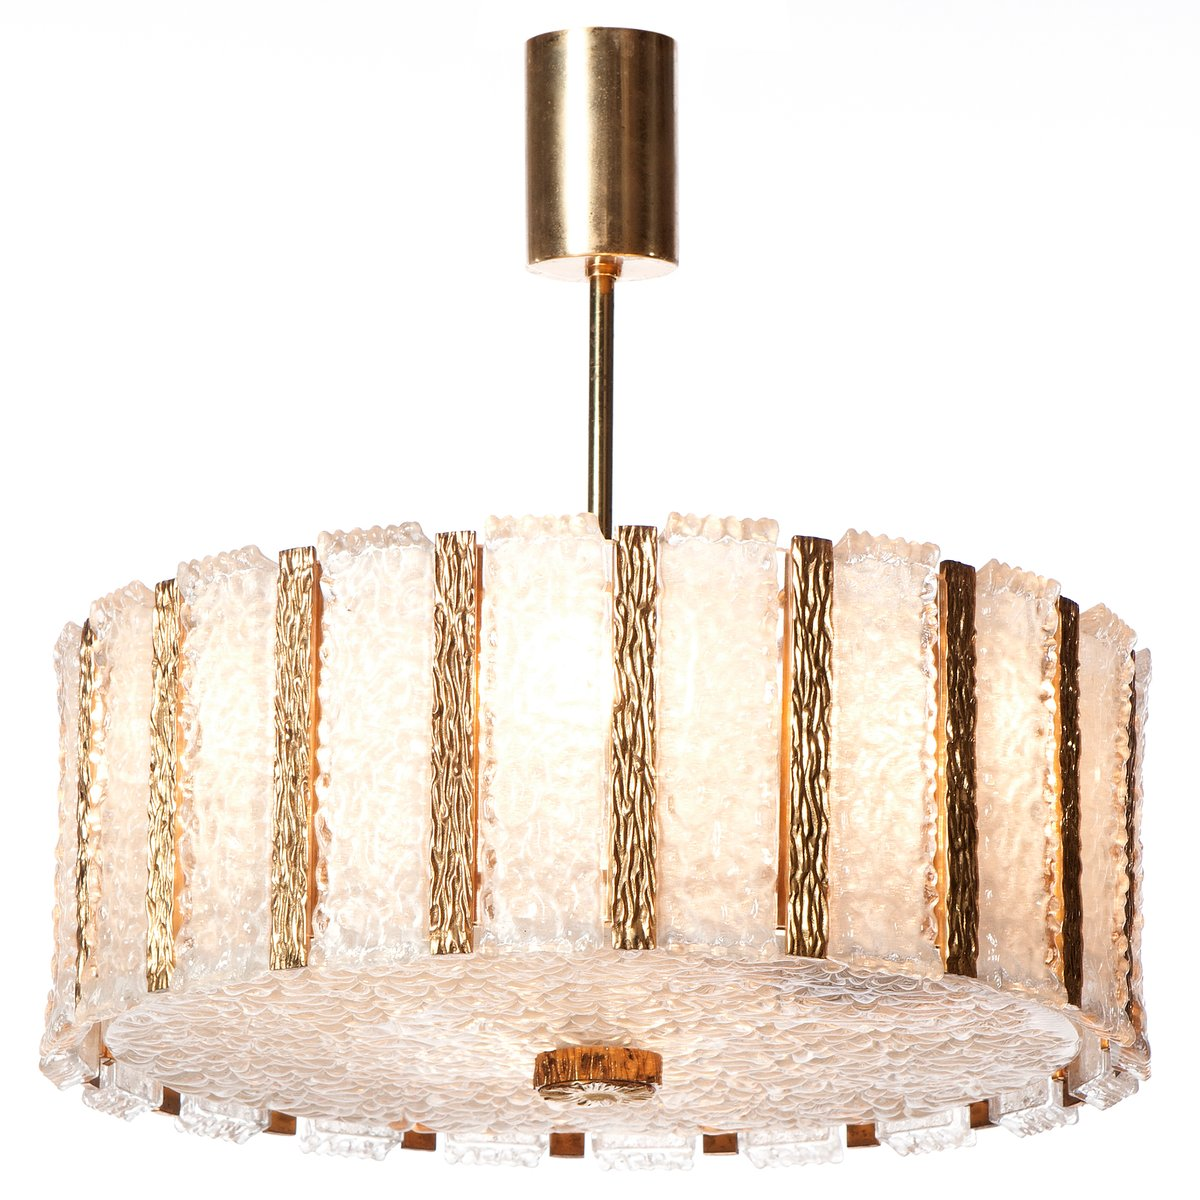 Vergoldeter Mid-Century Kronleuchter mit Neun Leuchten aus Messing & O...